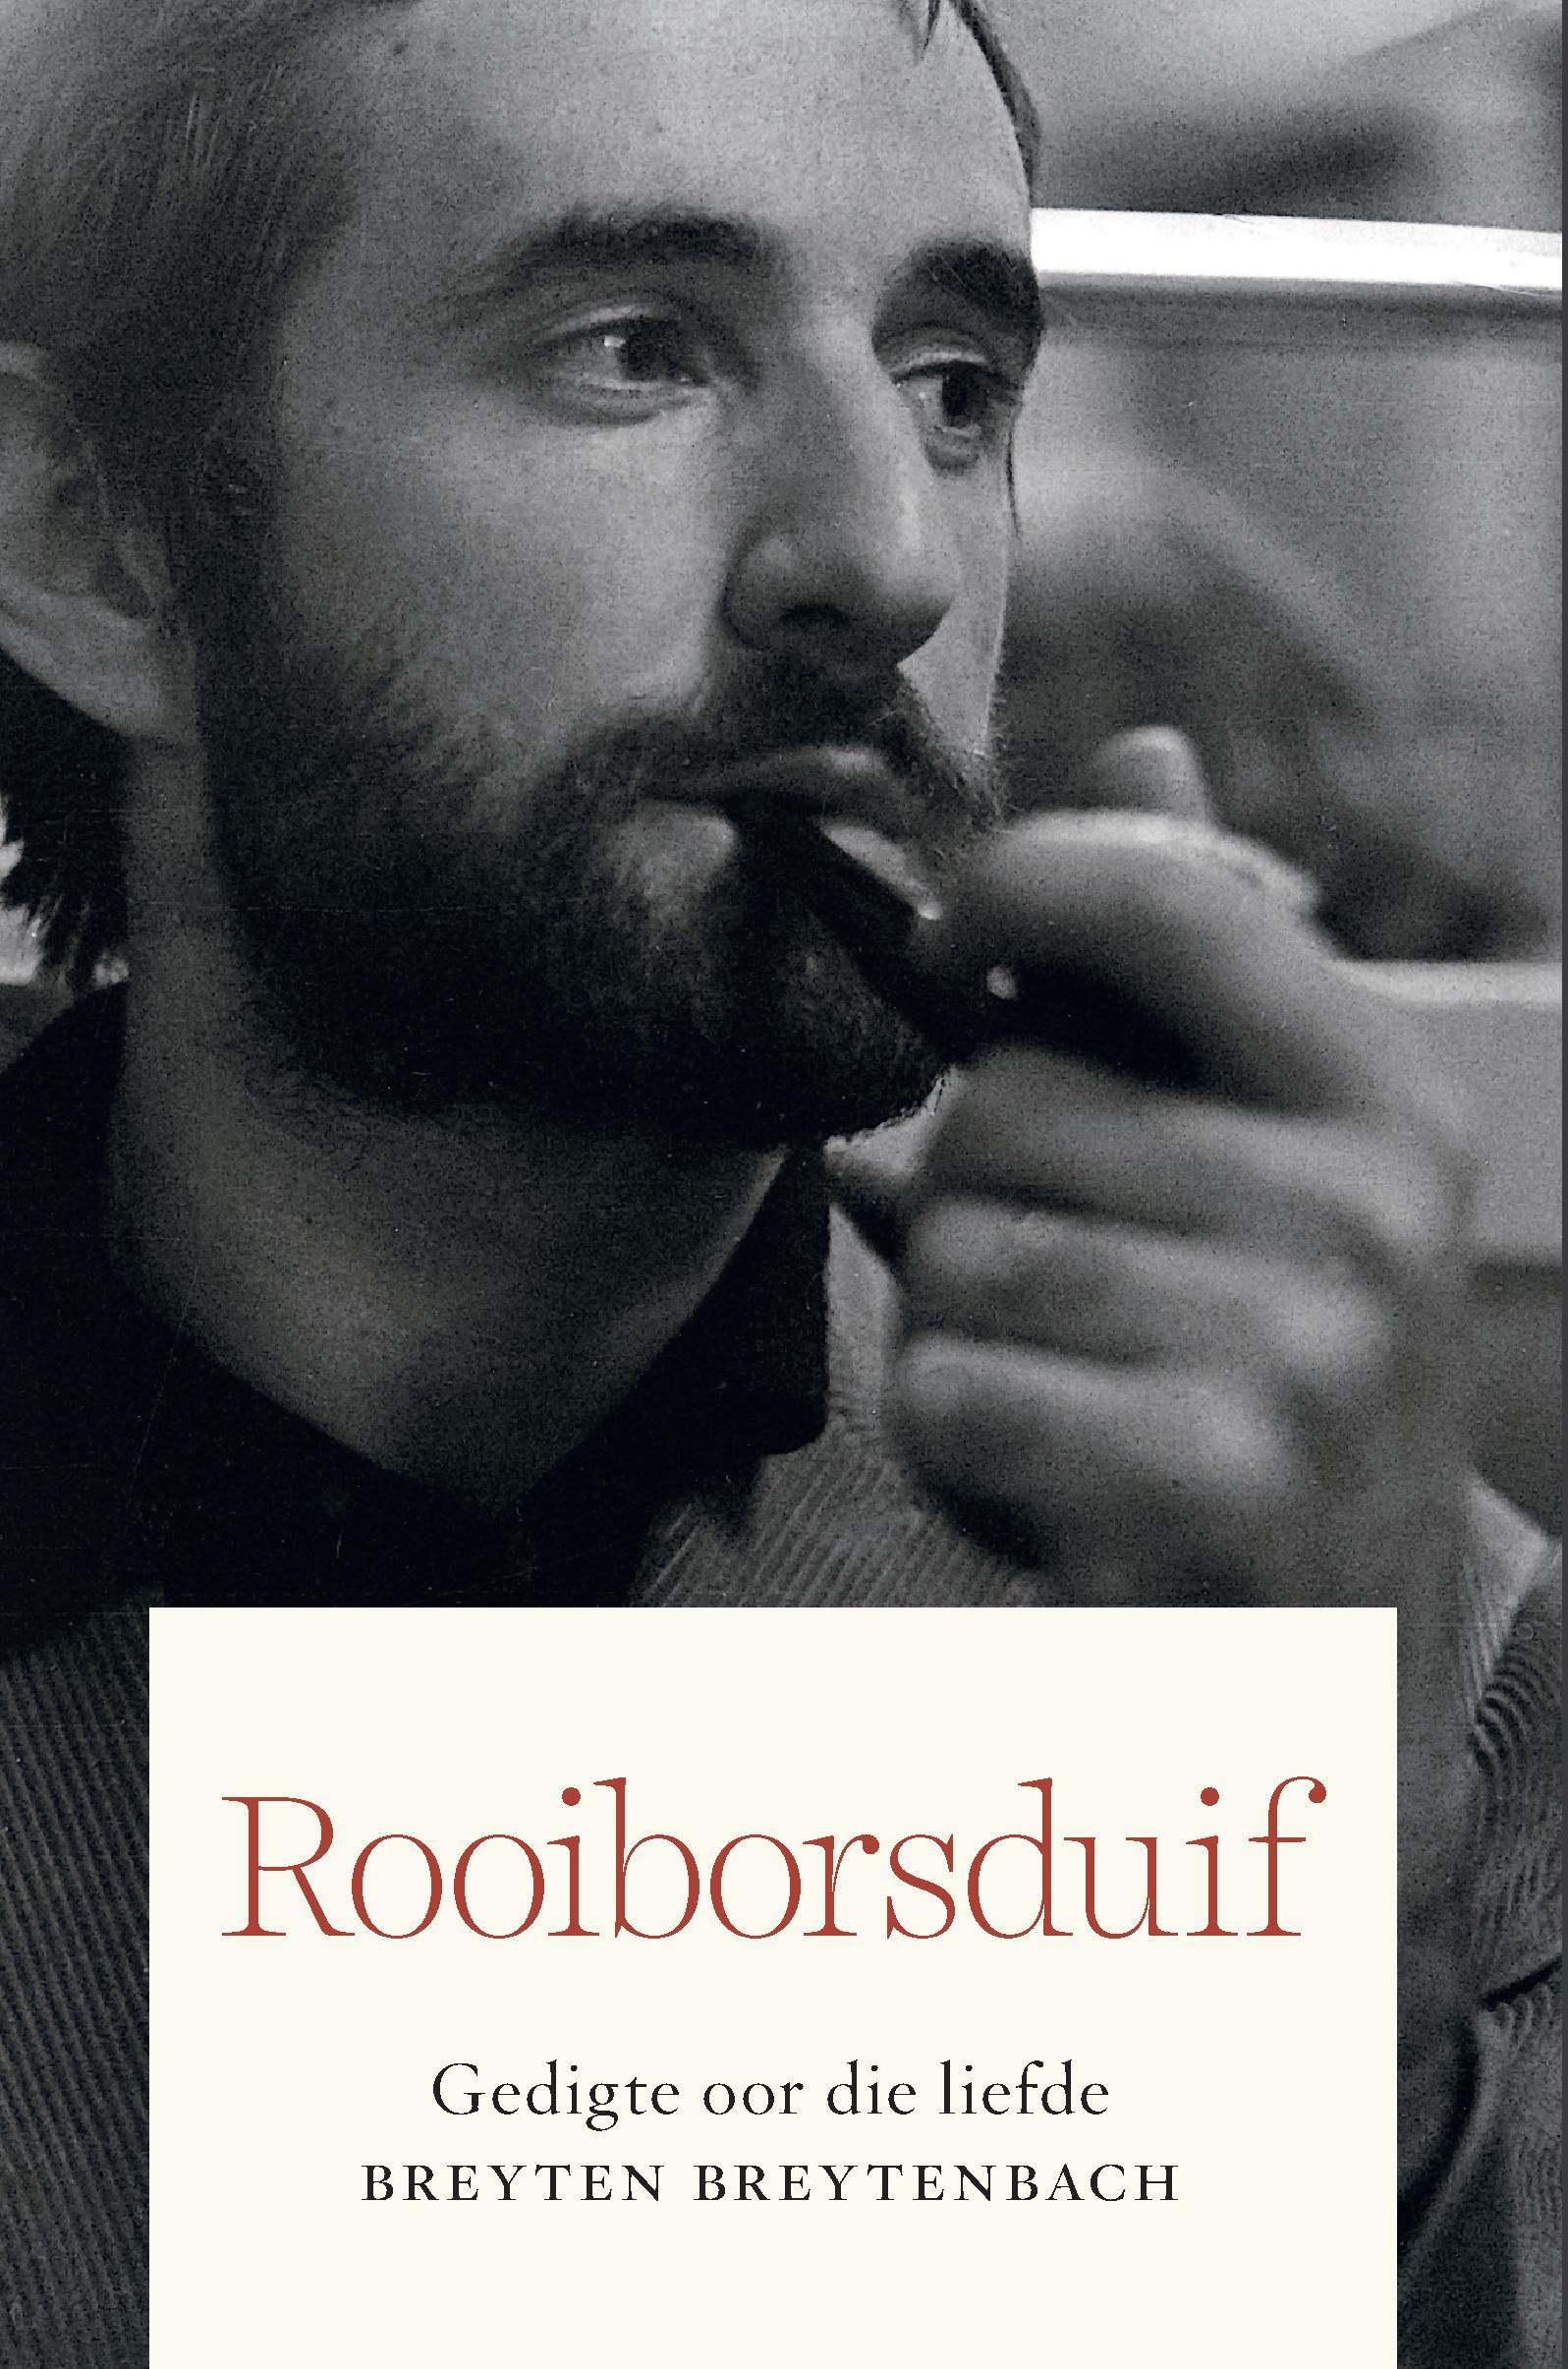 Picture of Rooiborsduif : Gedigte Oor die Liefde